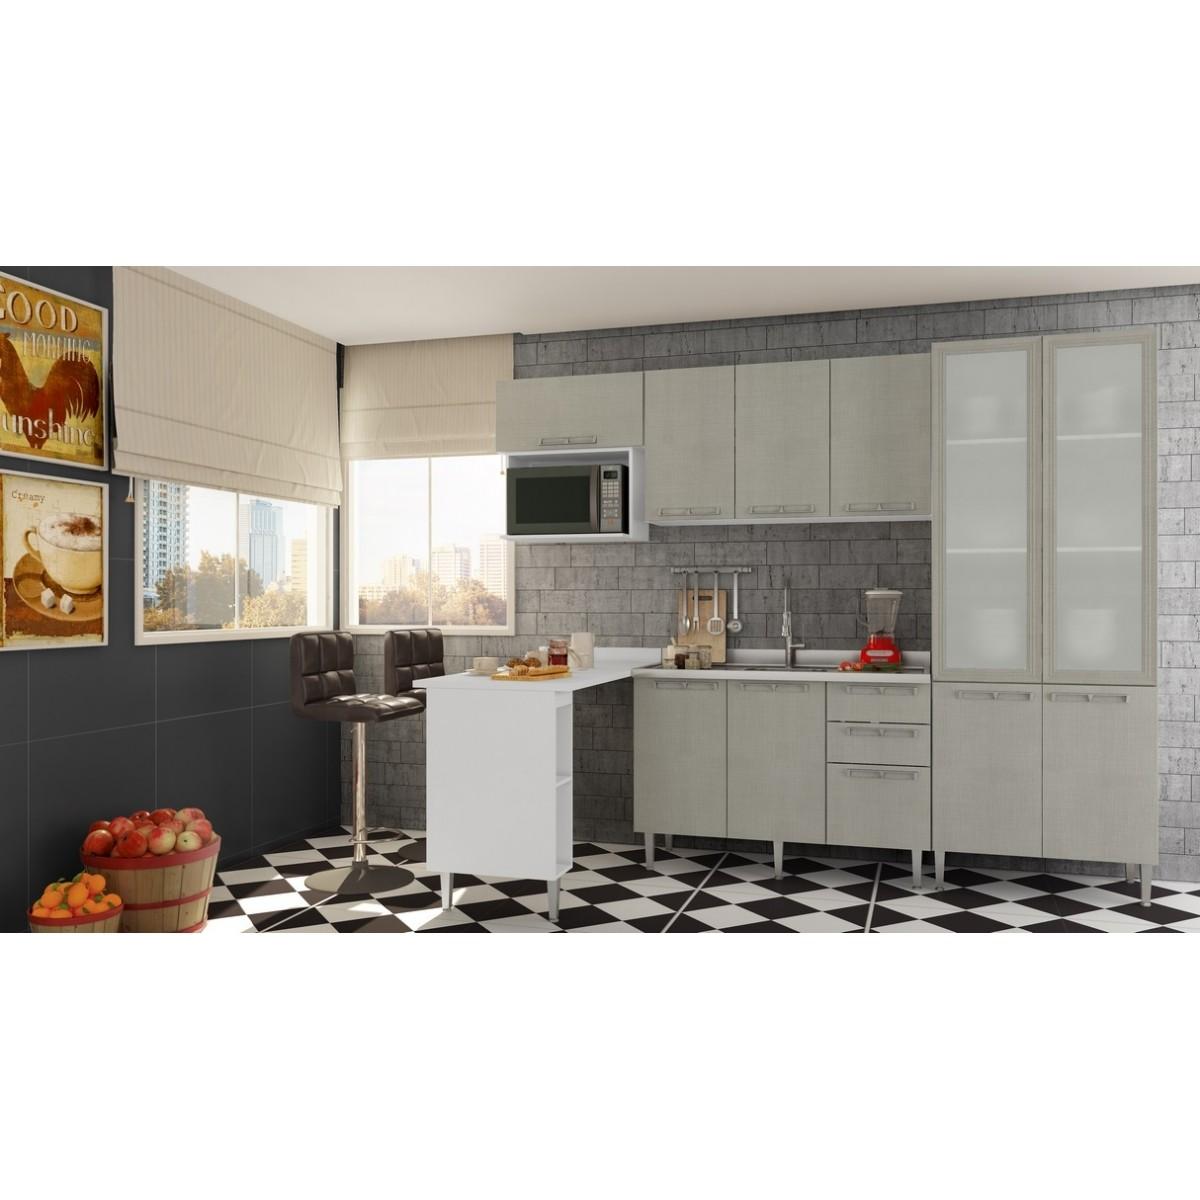 Cozinha Modulada Completa 6 peças Modelo 14 Várias Cores Mia Coccina